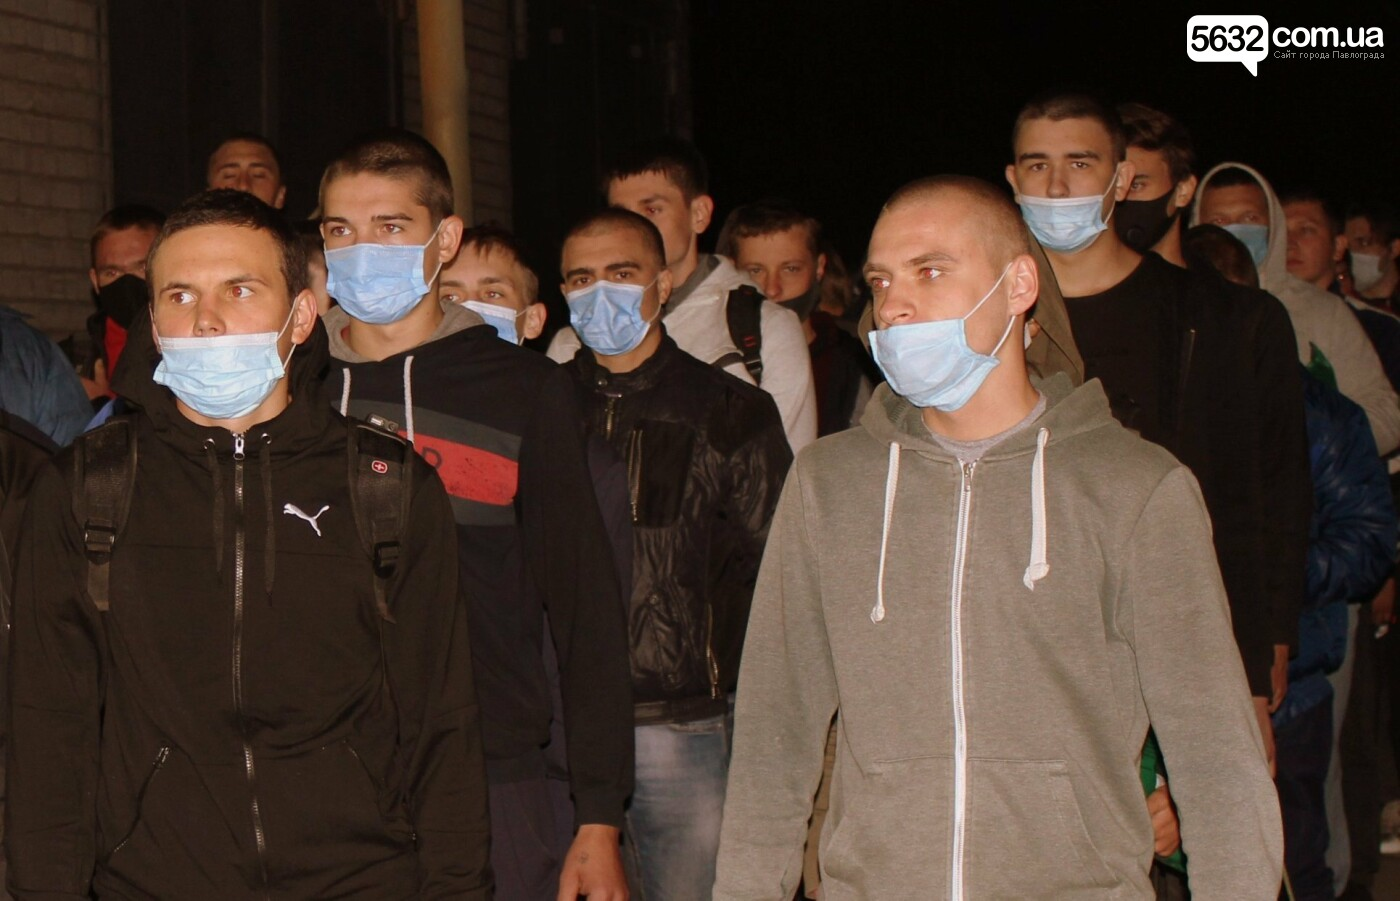 Этой осенью на Днепропетровщине отправят на срочную службу 1265 призывников, фото-3